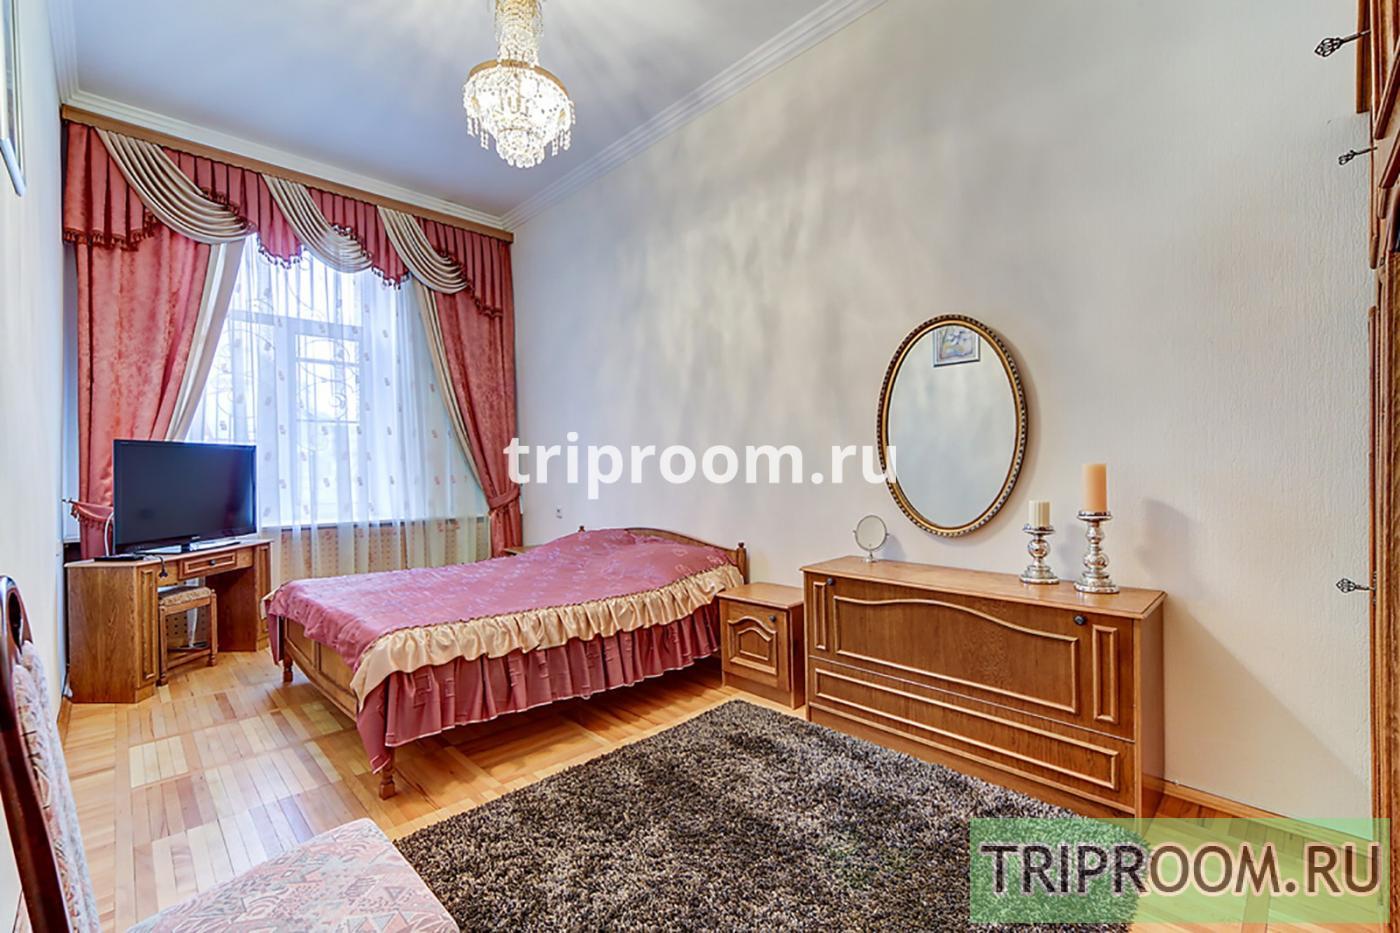 4-комнатная квартира посуточно (вариант № 20160), ул. Реки Мойки набережная, фото № 10